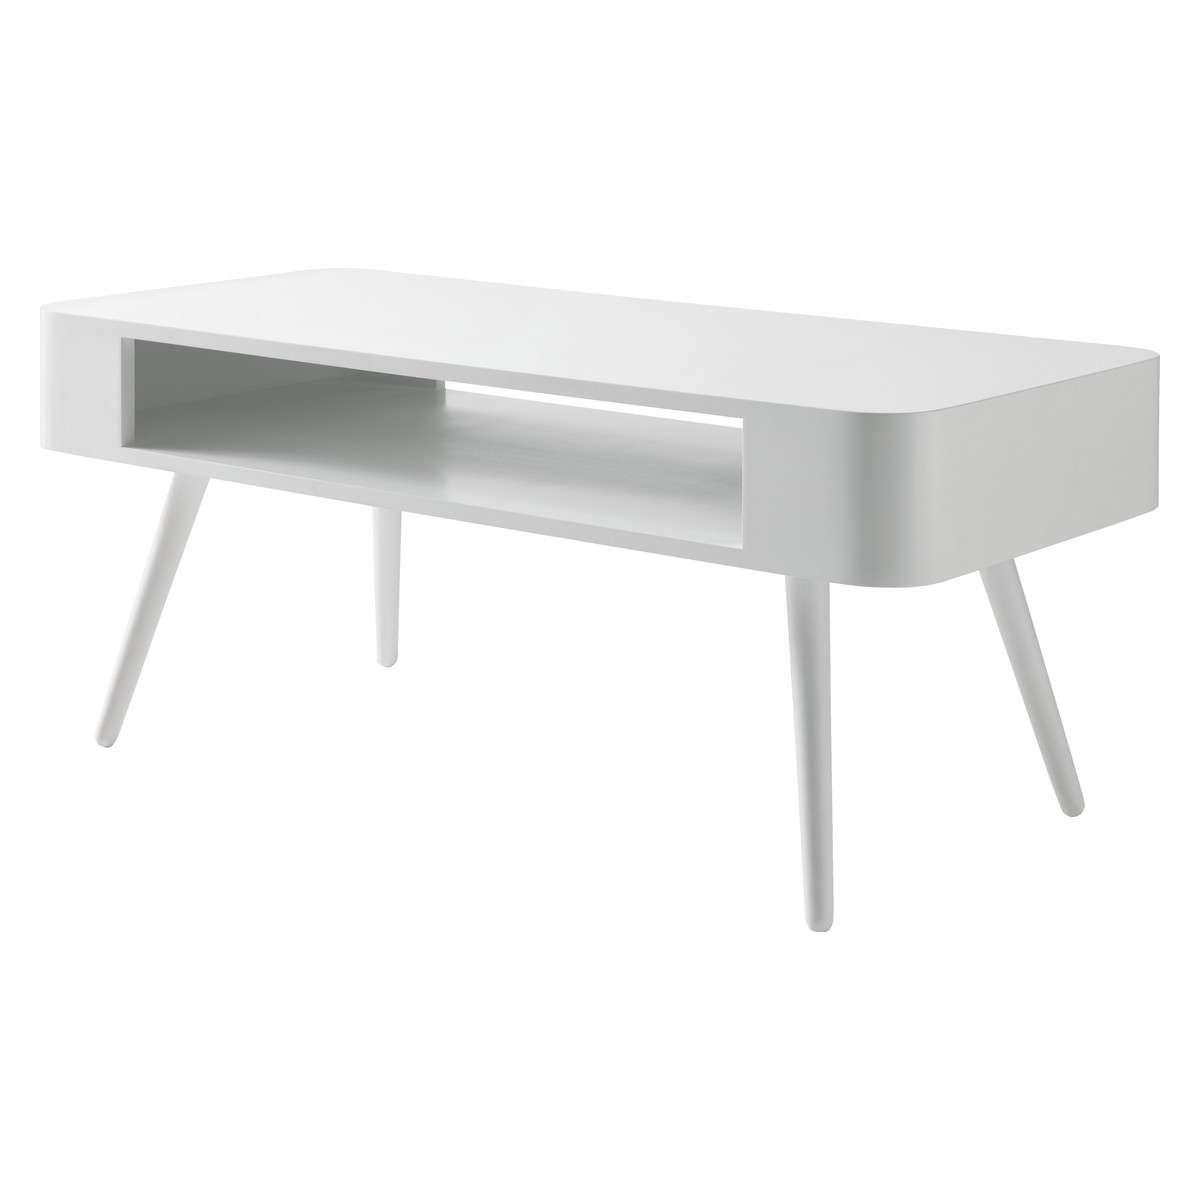 Preferred White Retro Coffee Tables With Retro White Coffee Table – Interior Design (View 17 of 20)